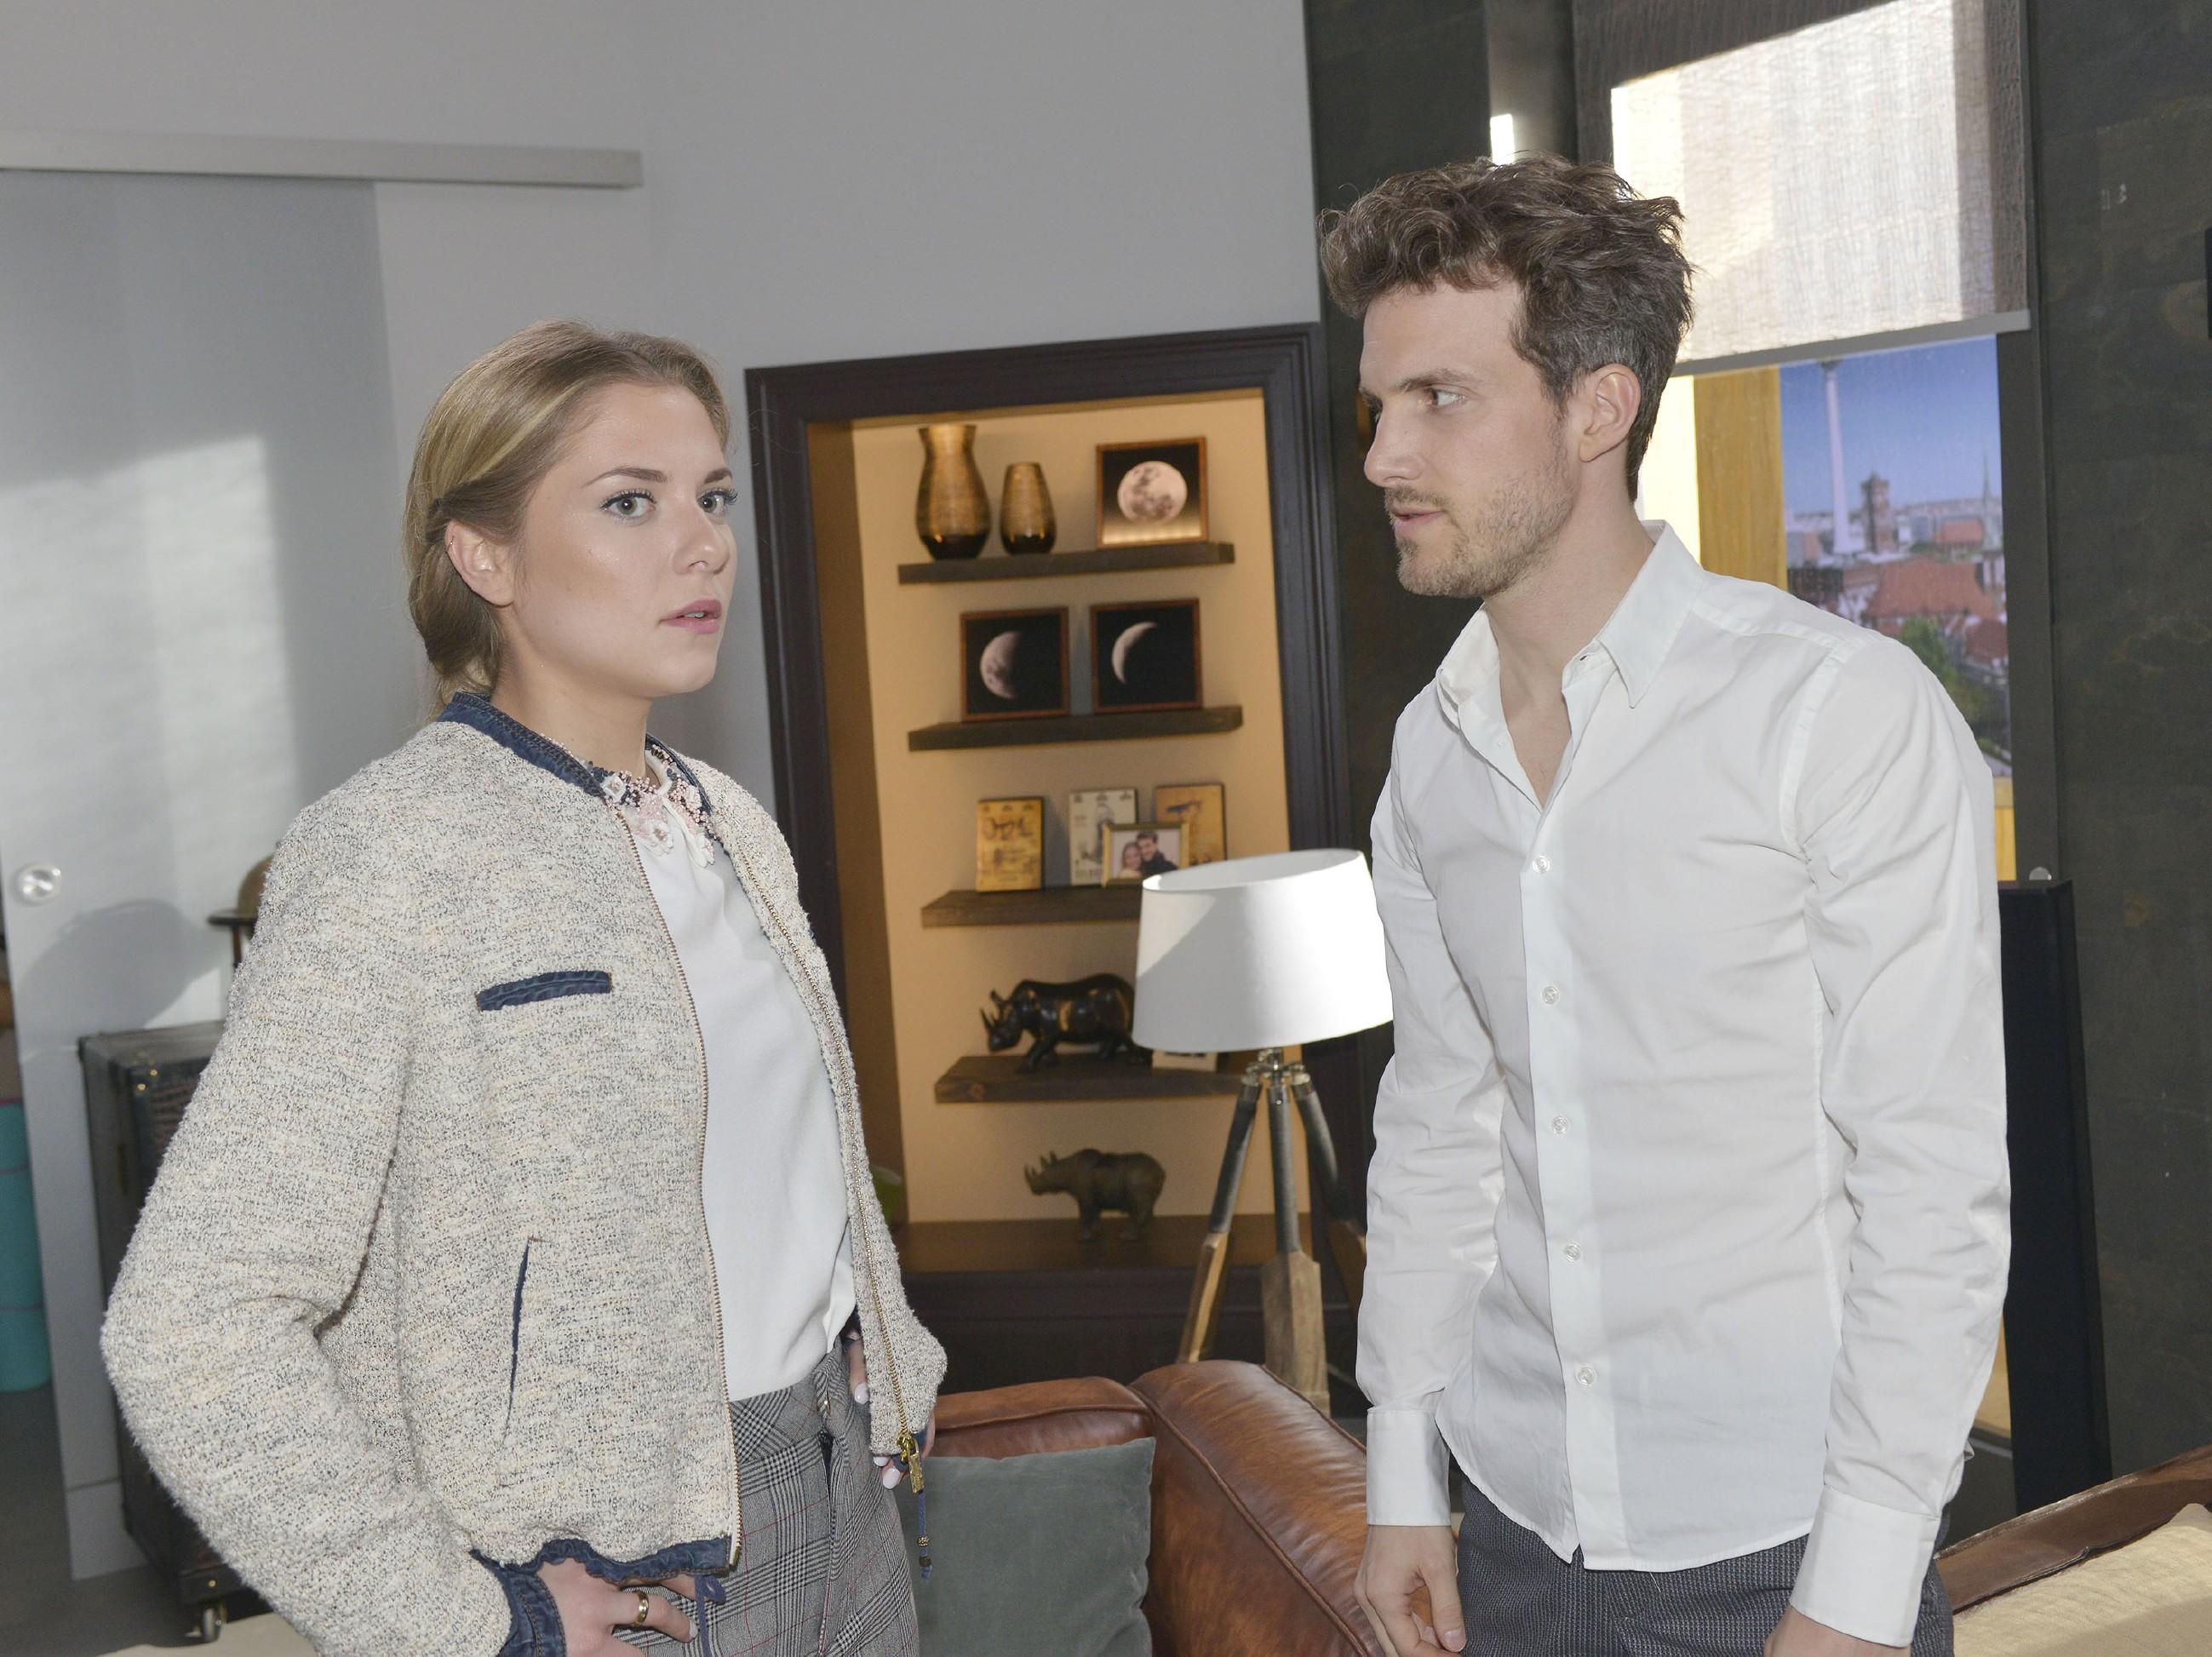 Nachdem Felix (Thaddäus Meilinger) ausgerastet ist, entschuldigt er sich aufrichtig bei Sunny (Valentina Pahde). Doch die fragt sich, warum Felix so heftig auf ihre Fragen reagiert hat... (Quelle: RTL / Rolf Baumgartner)